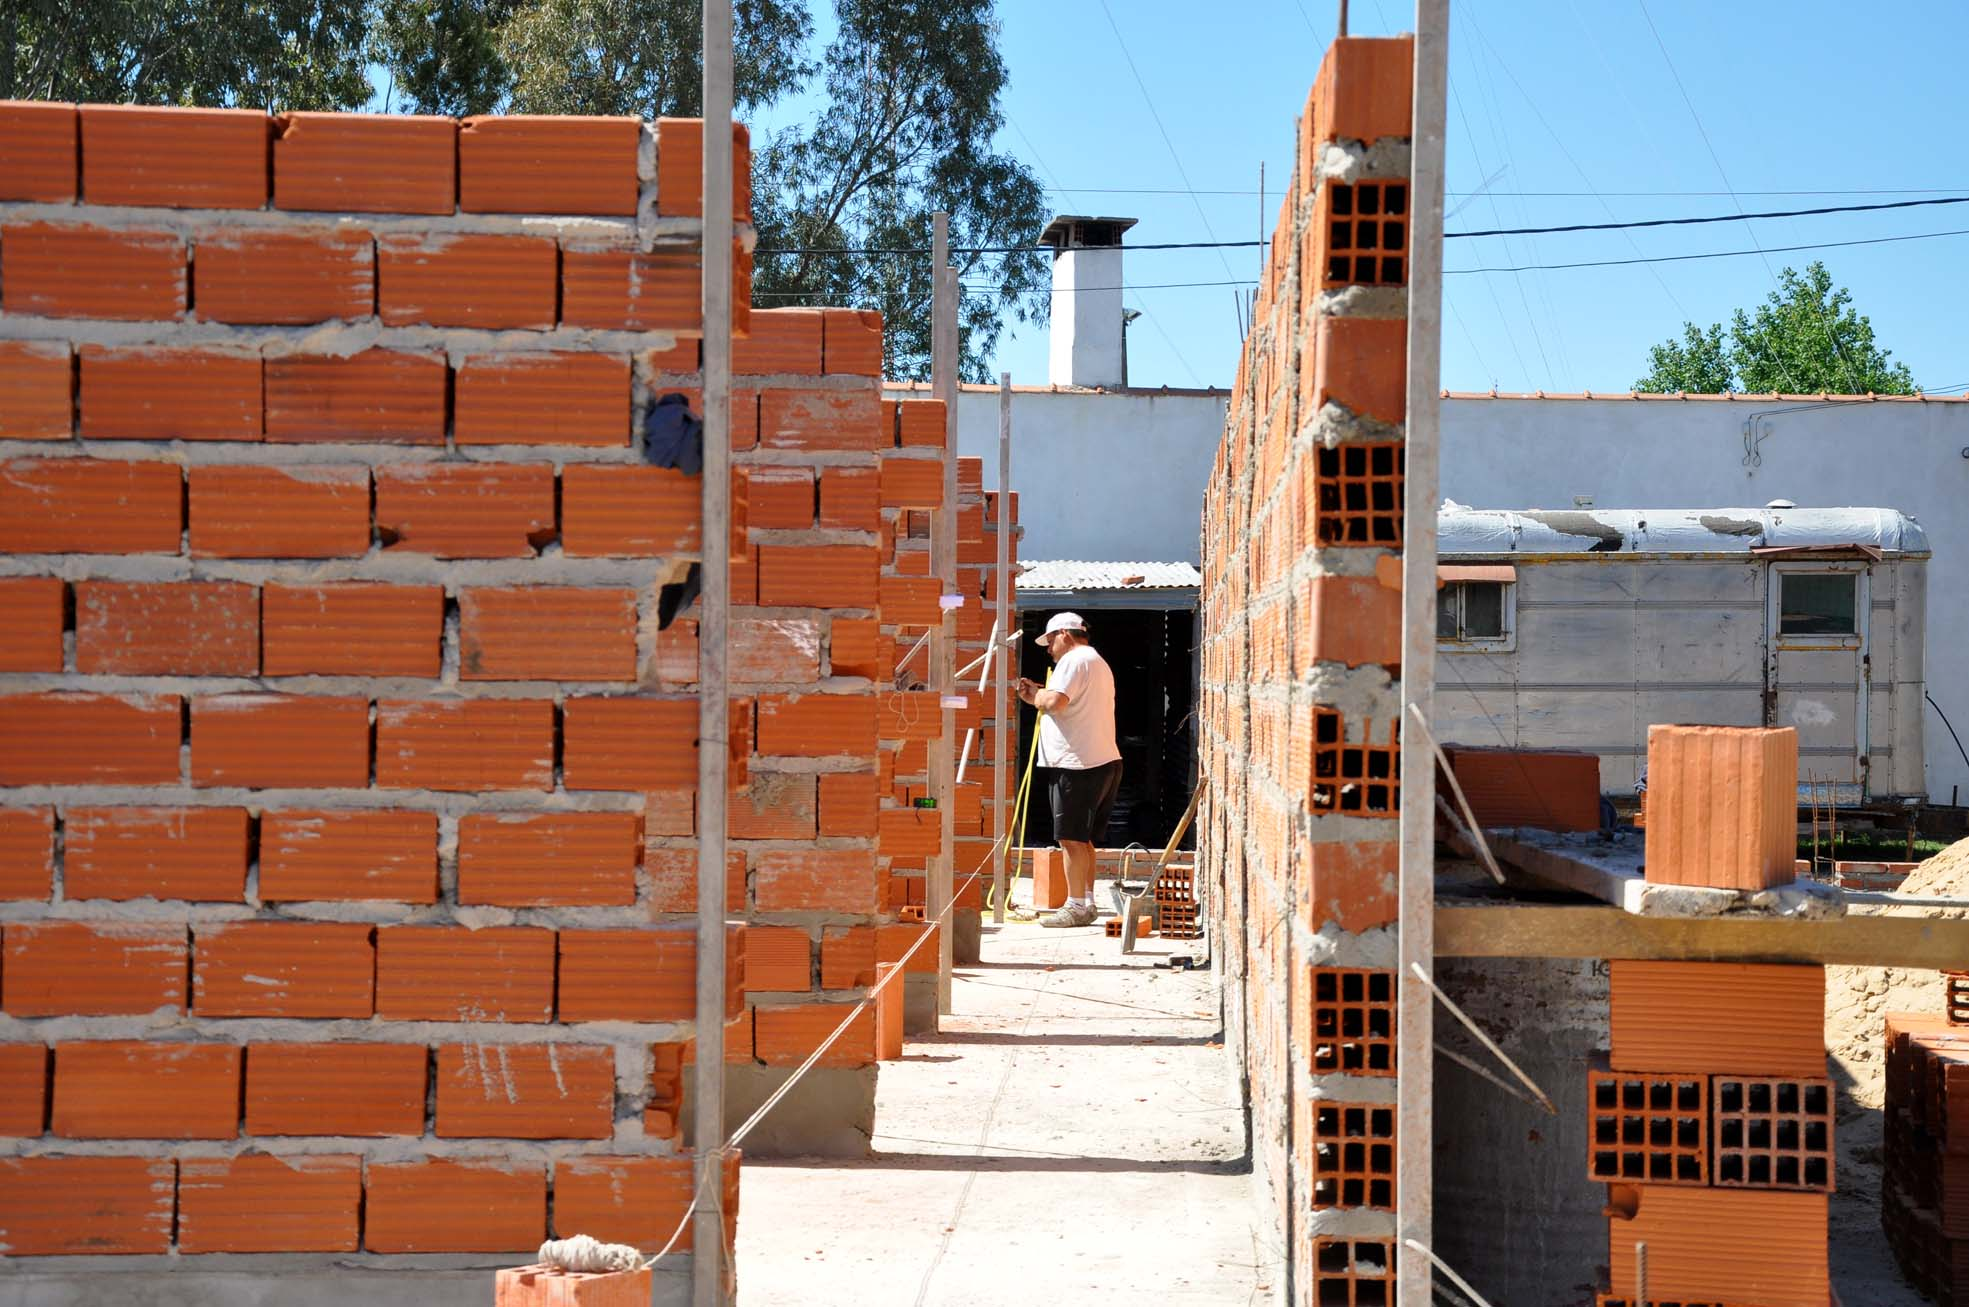 Detenidos por robo en una obra en construcción